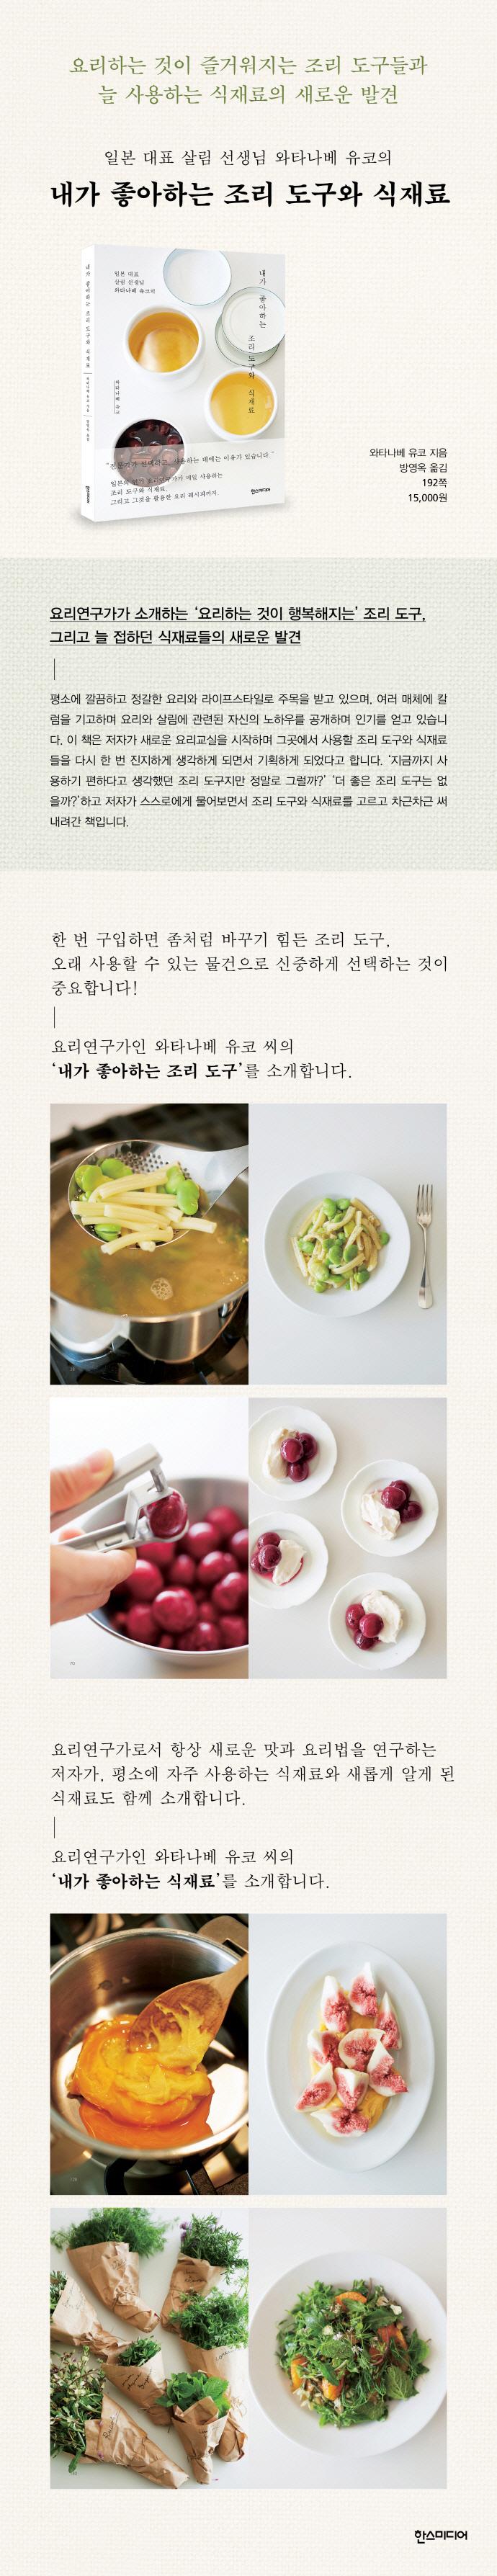 내가 좋아하는 조리 도구와 식재료(일본 대표 살림 선생님 와타나베 유코의) 도서 상세이미지